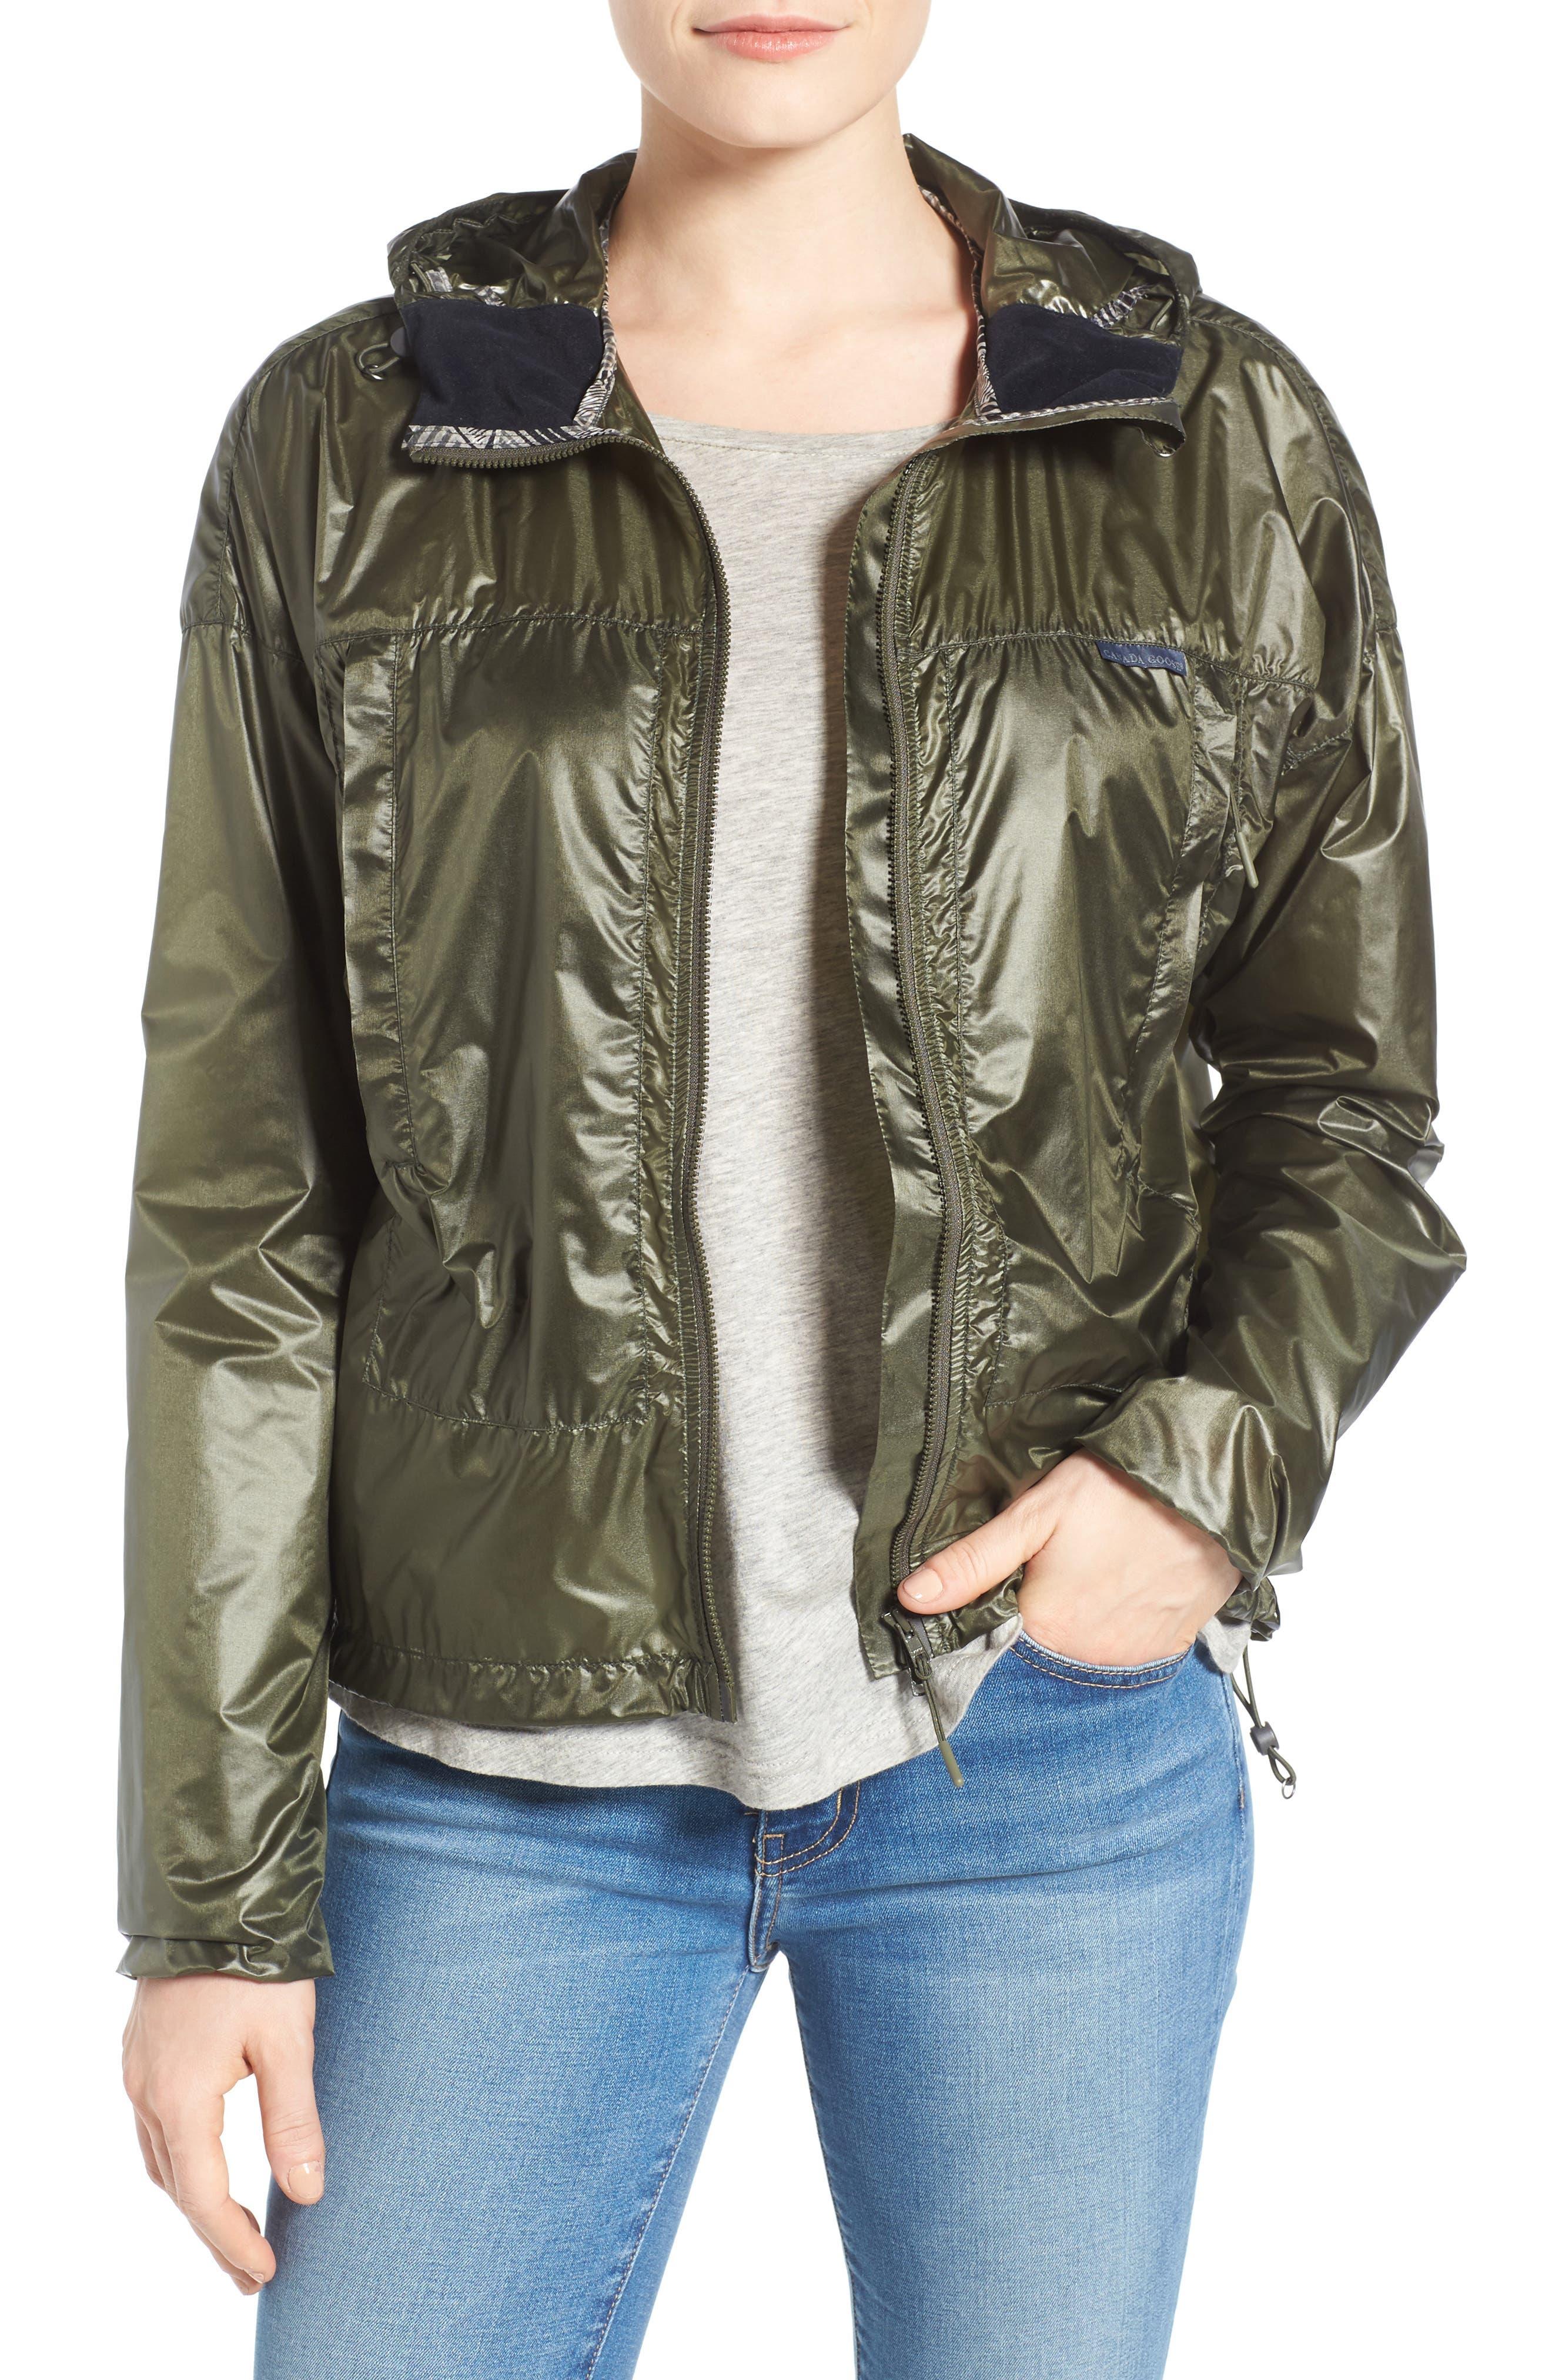 Alternate Image 1 Selected - Canada Goose Wabasca Hooded Jacket